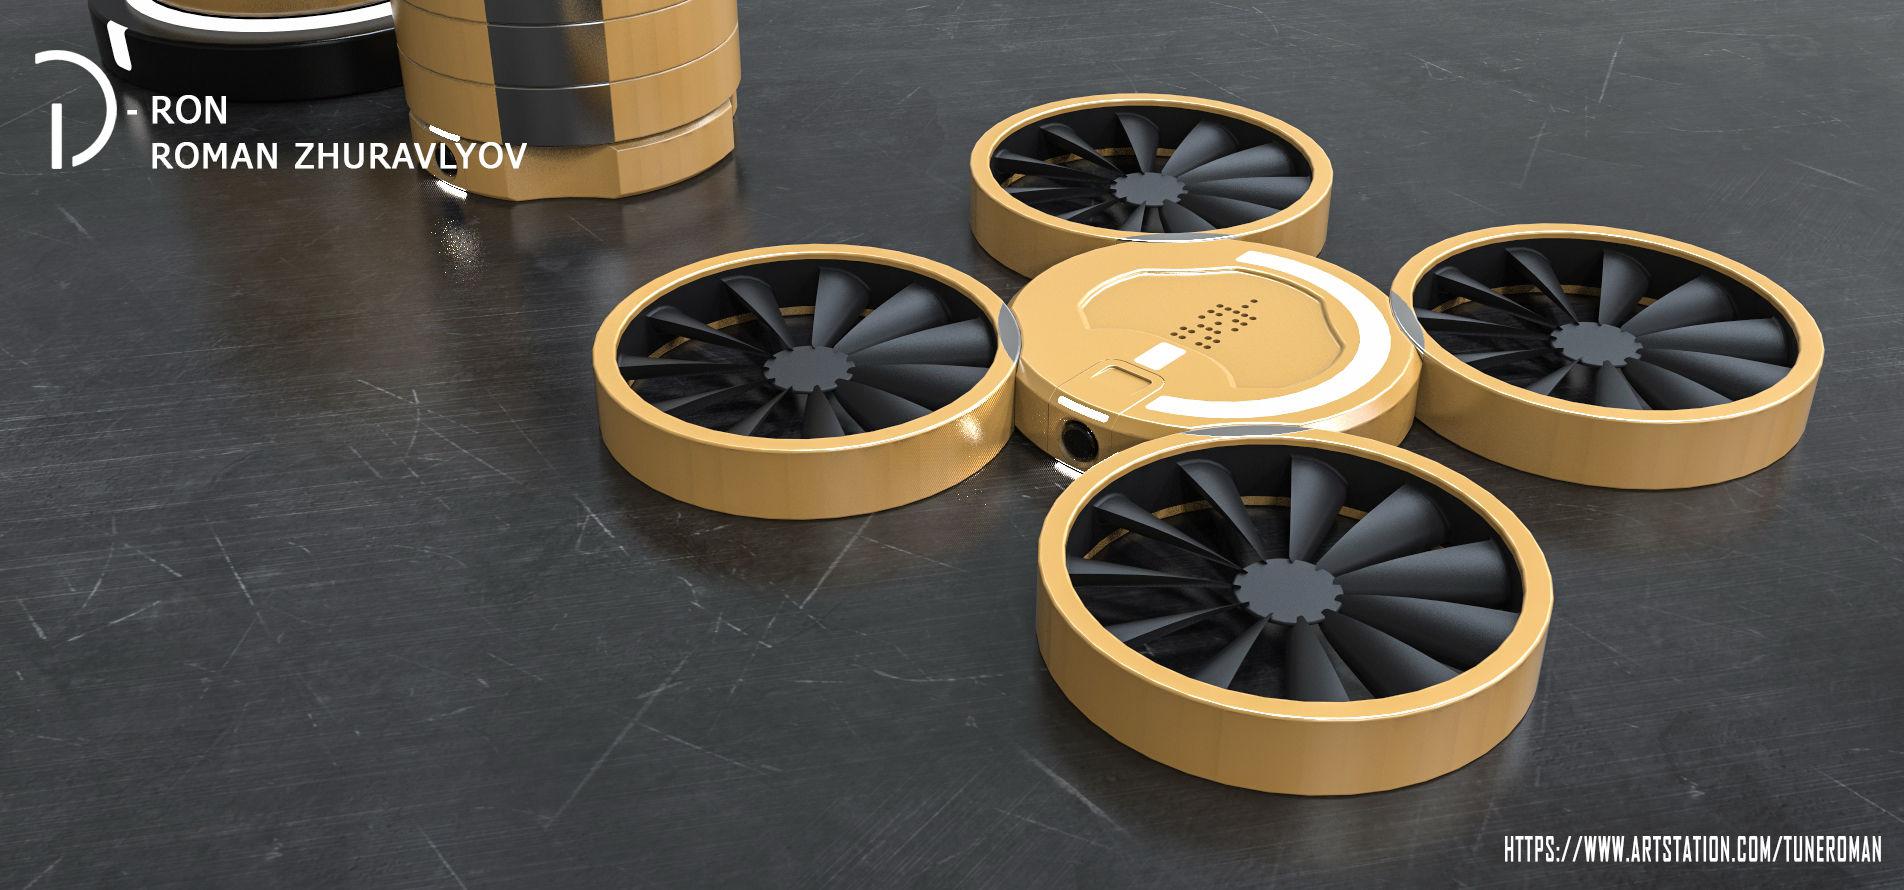 D-dron-1-3500-3500